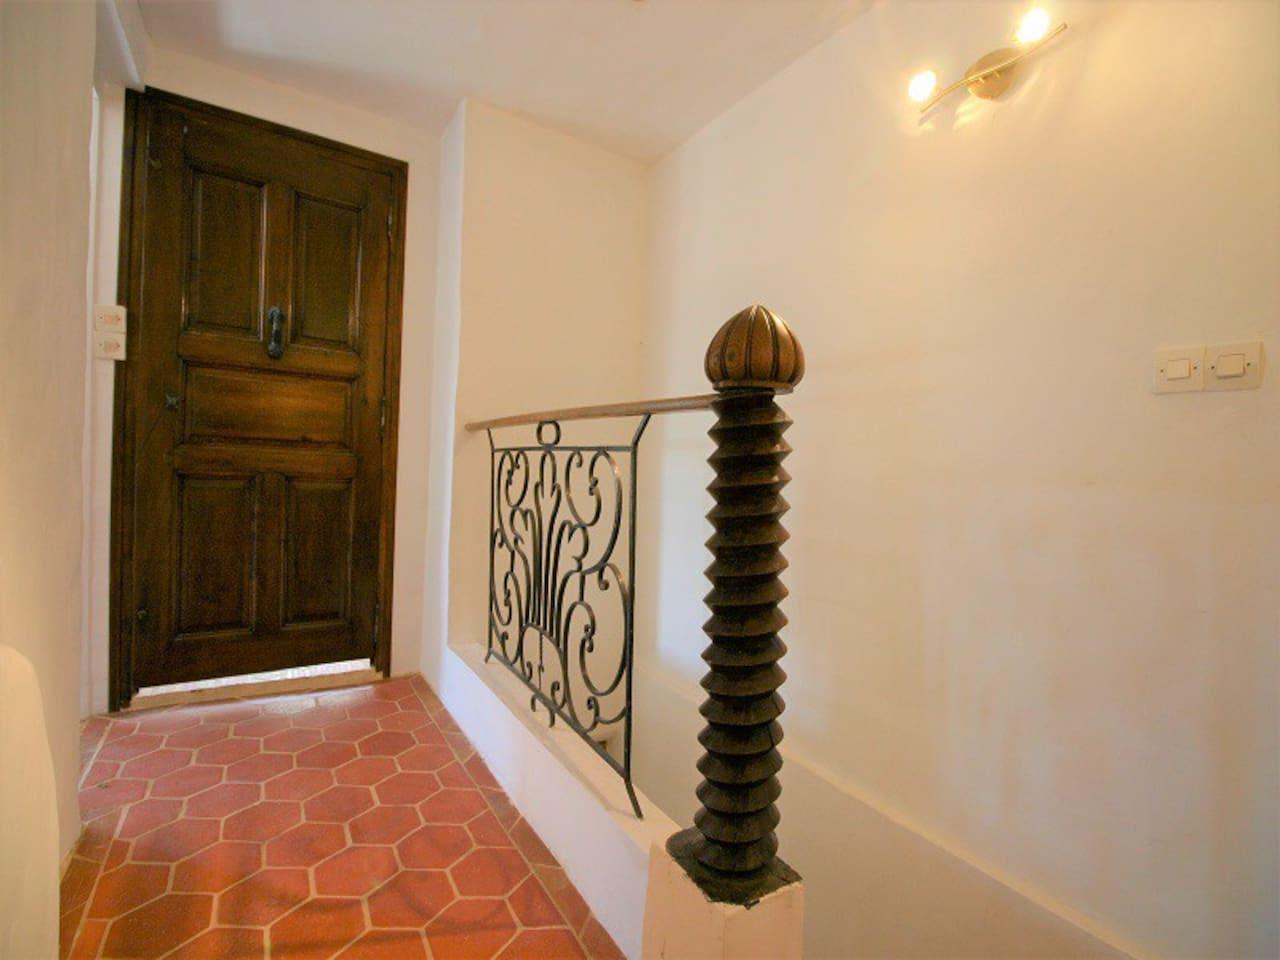 Un couloir qui mène à 2 autres chambres